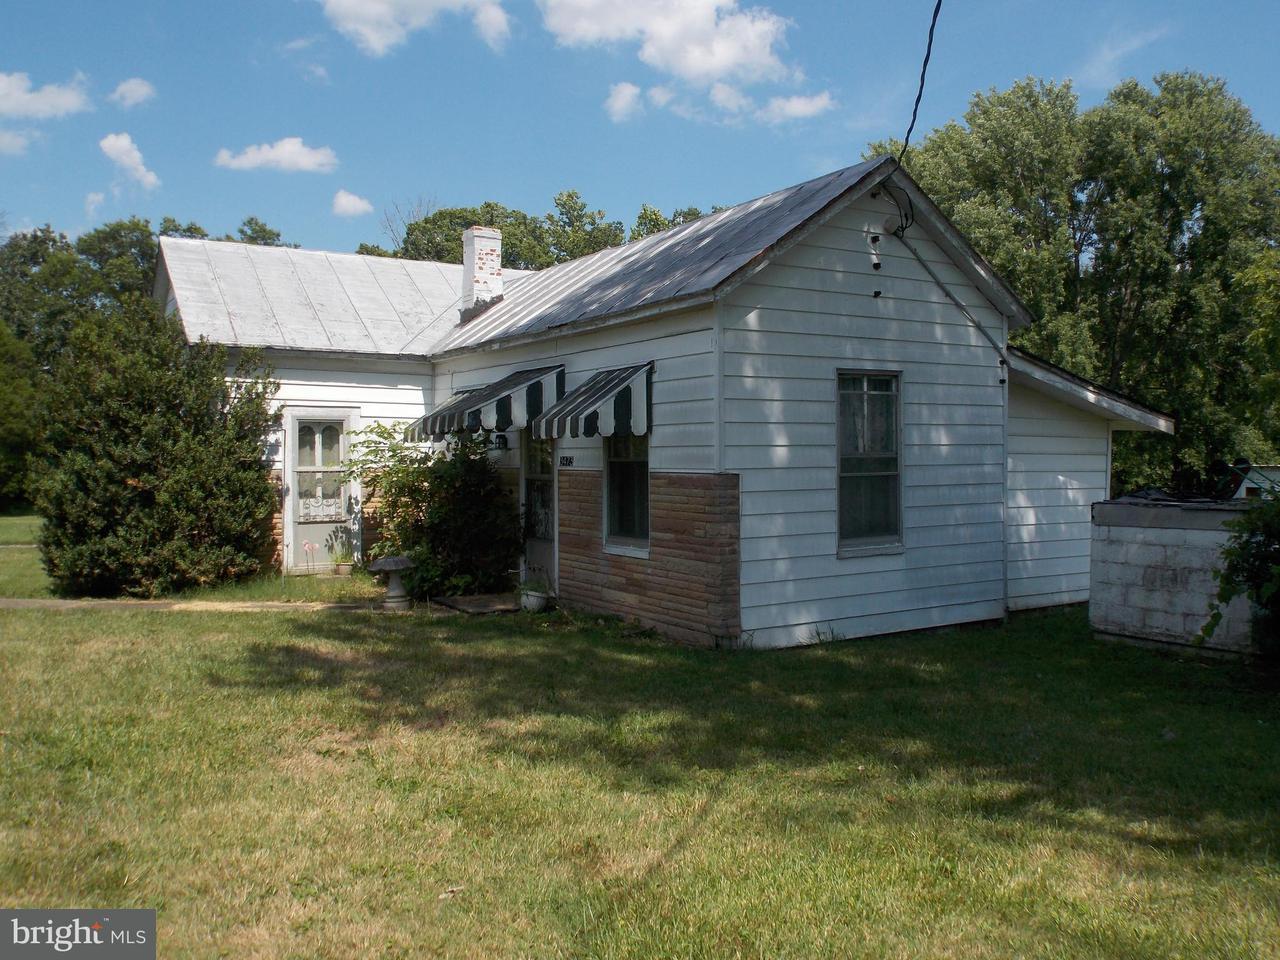 獨棟家庭住宅 為 出售 在 3473 CATLETT Road 3473 CATLETT Road Catlett, 弗吉尼亞州 20119 美國